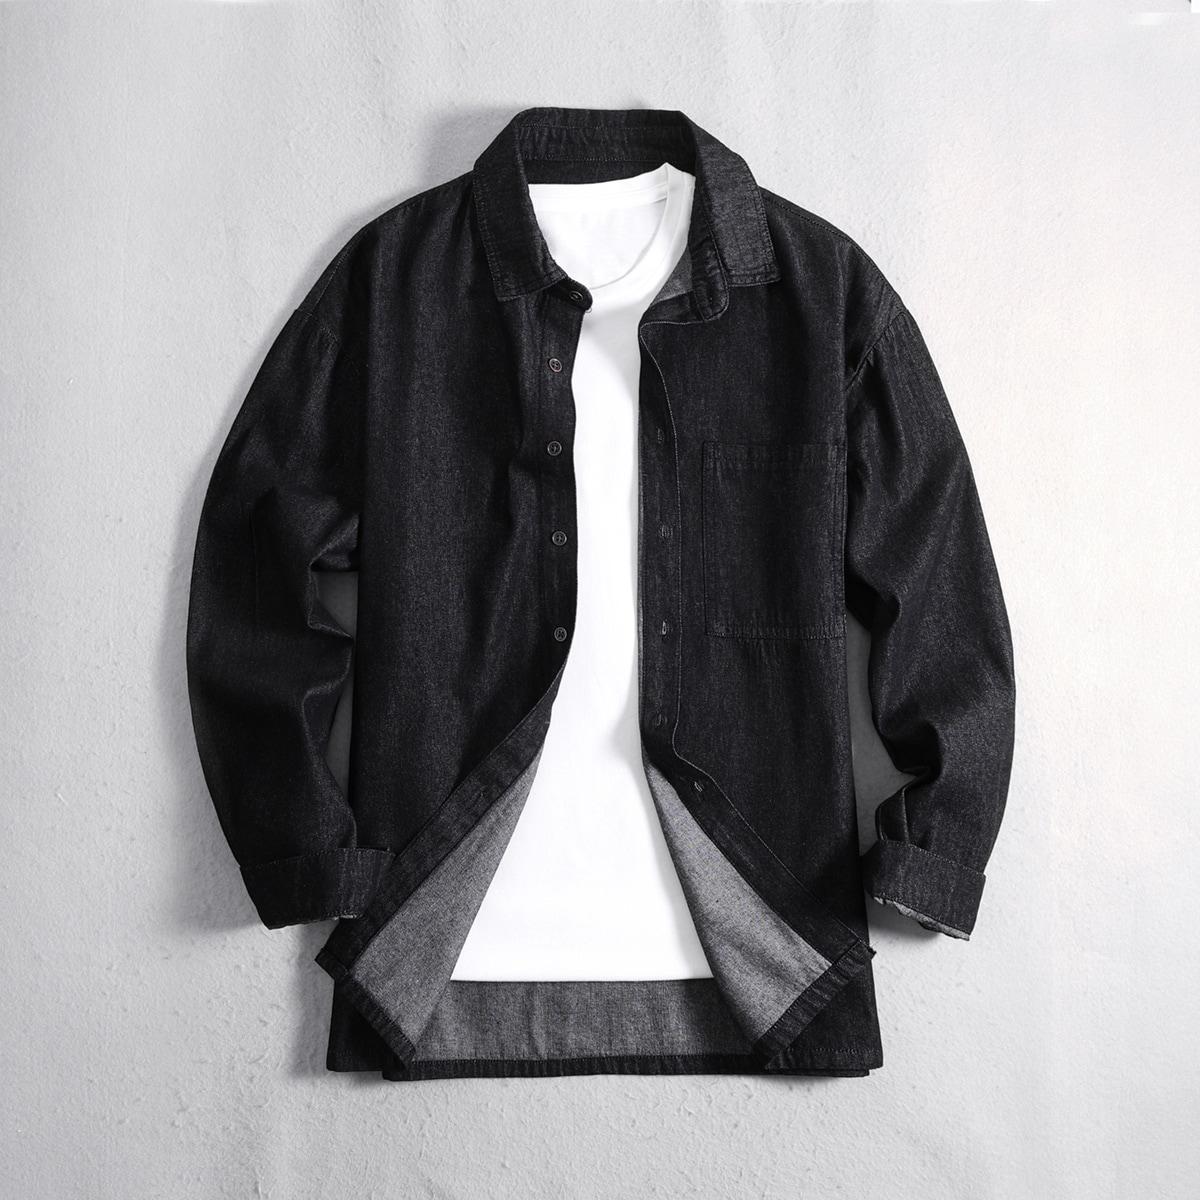 1шт мужская джинсовая рубашка на пуговицах и карманом